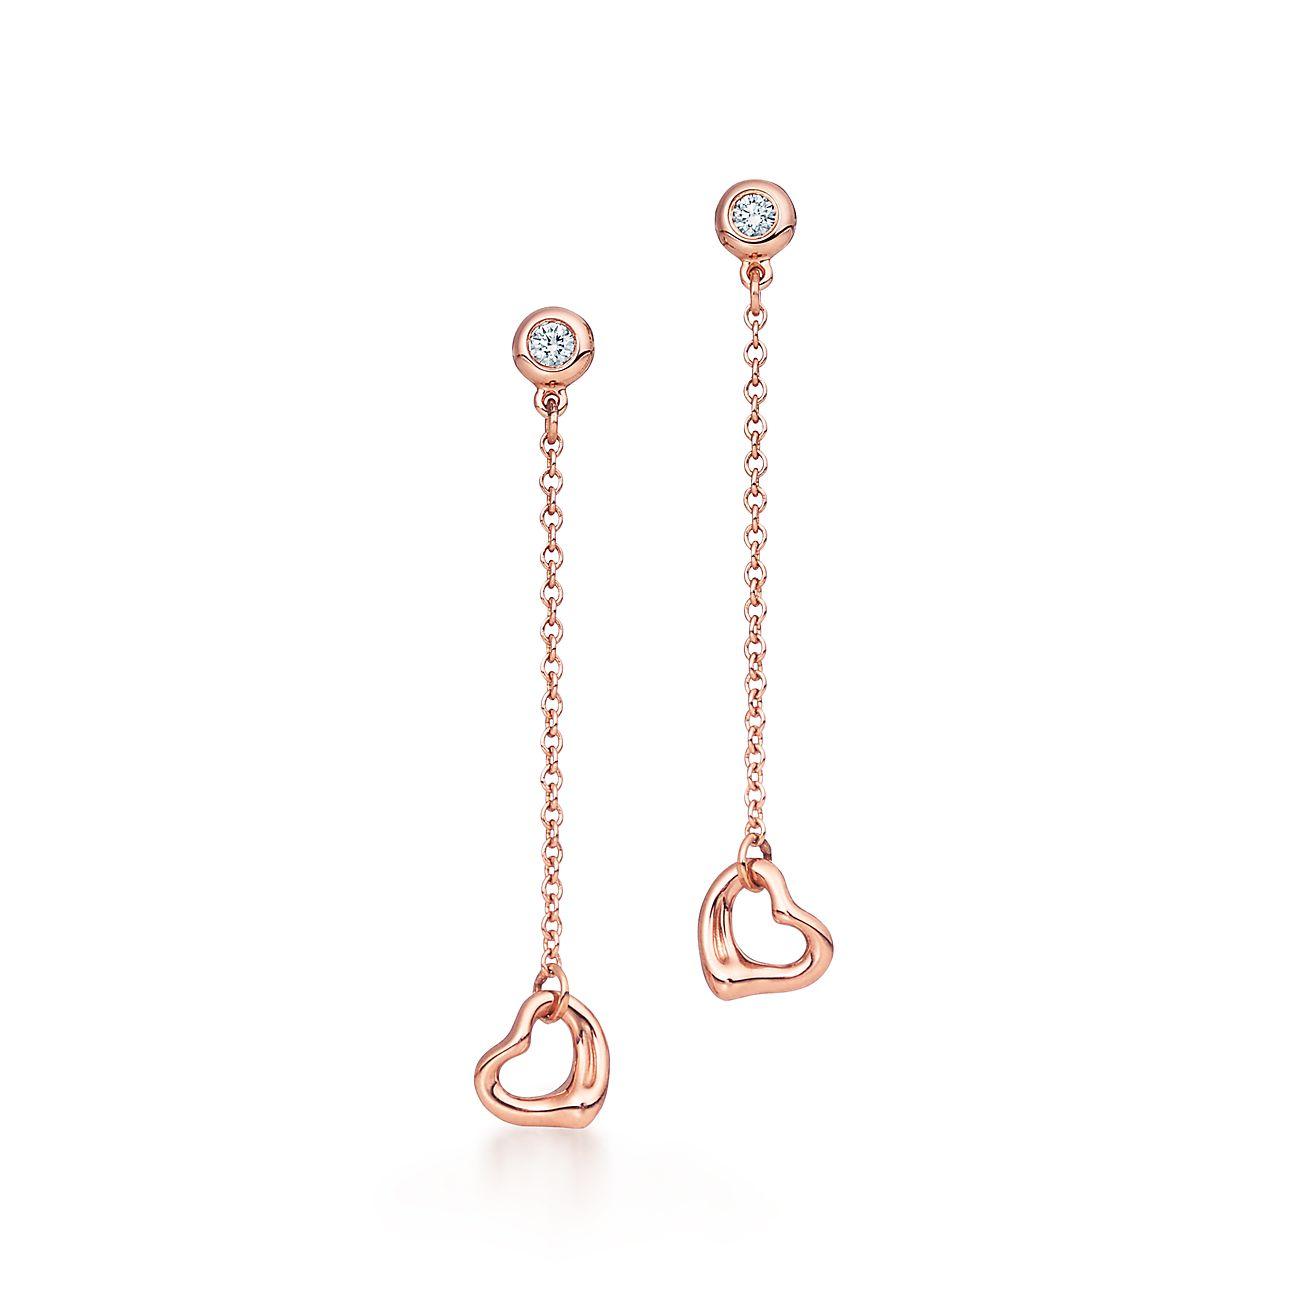 Elsa Peretti Diamonds By The Yard Open Heart Earrings